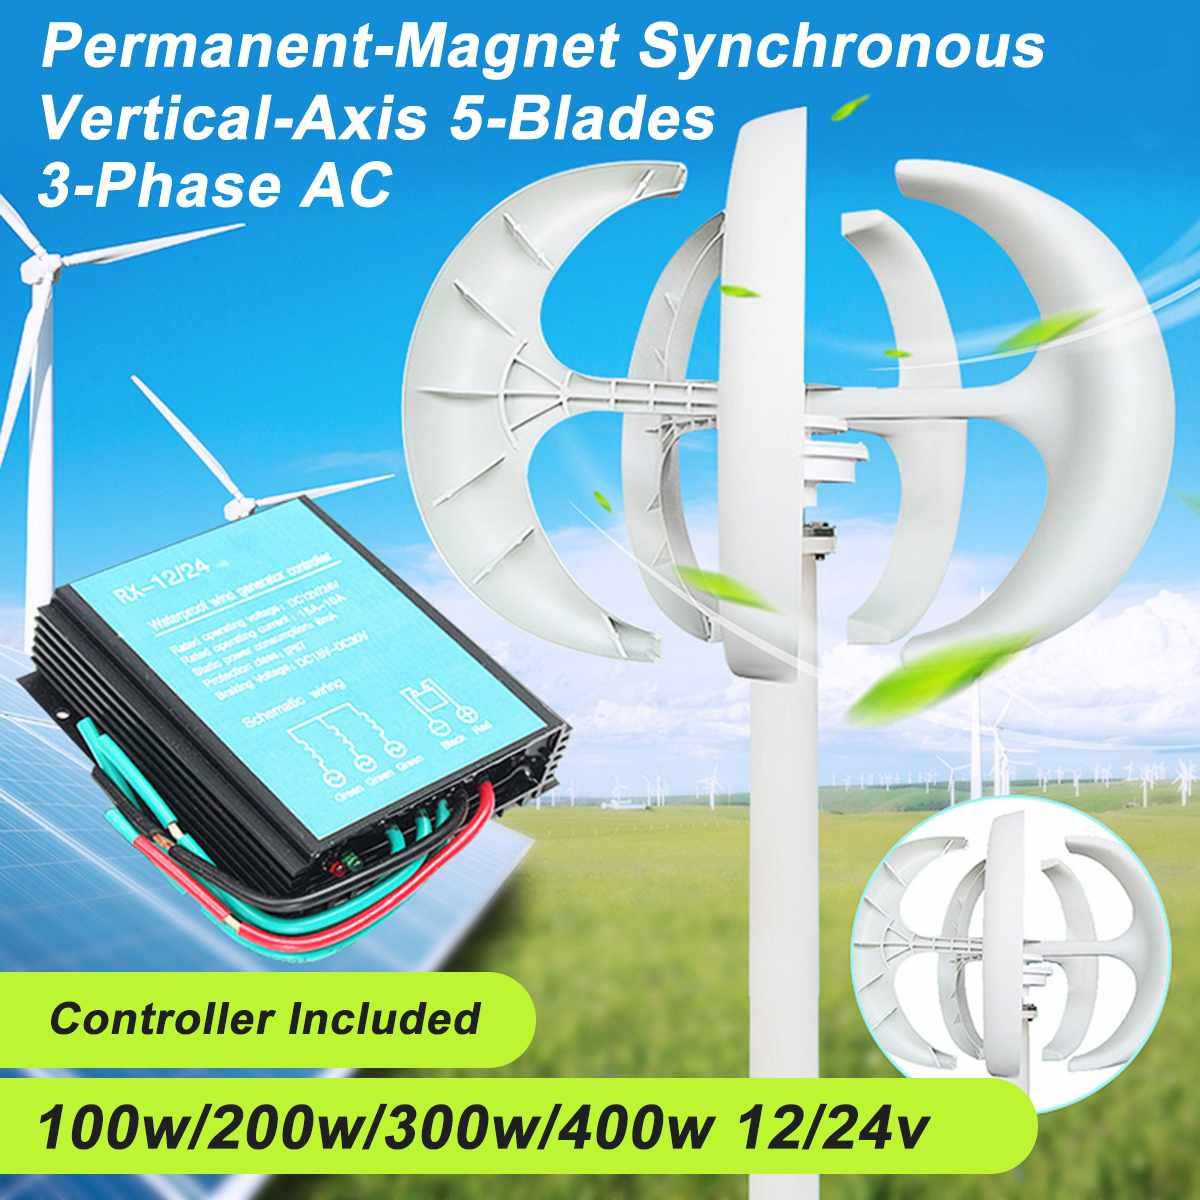 300W 12V axe Vertical générateur de vent VAWT bateau jardin avec contrôleur 5-lames 3 phases AC Permanent-aimant synchrone